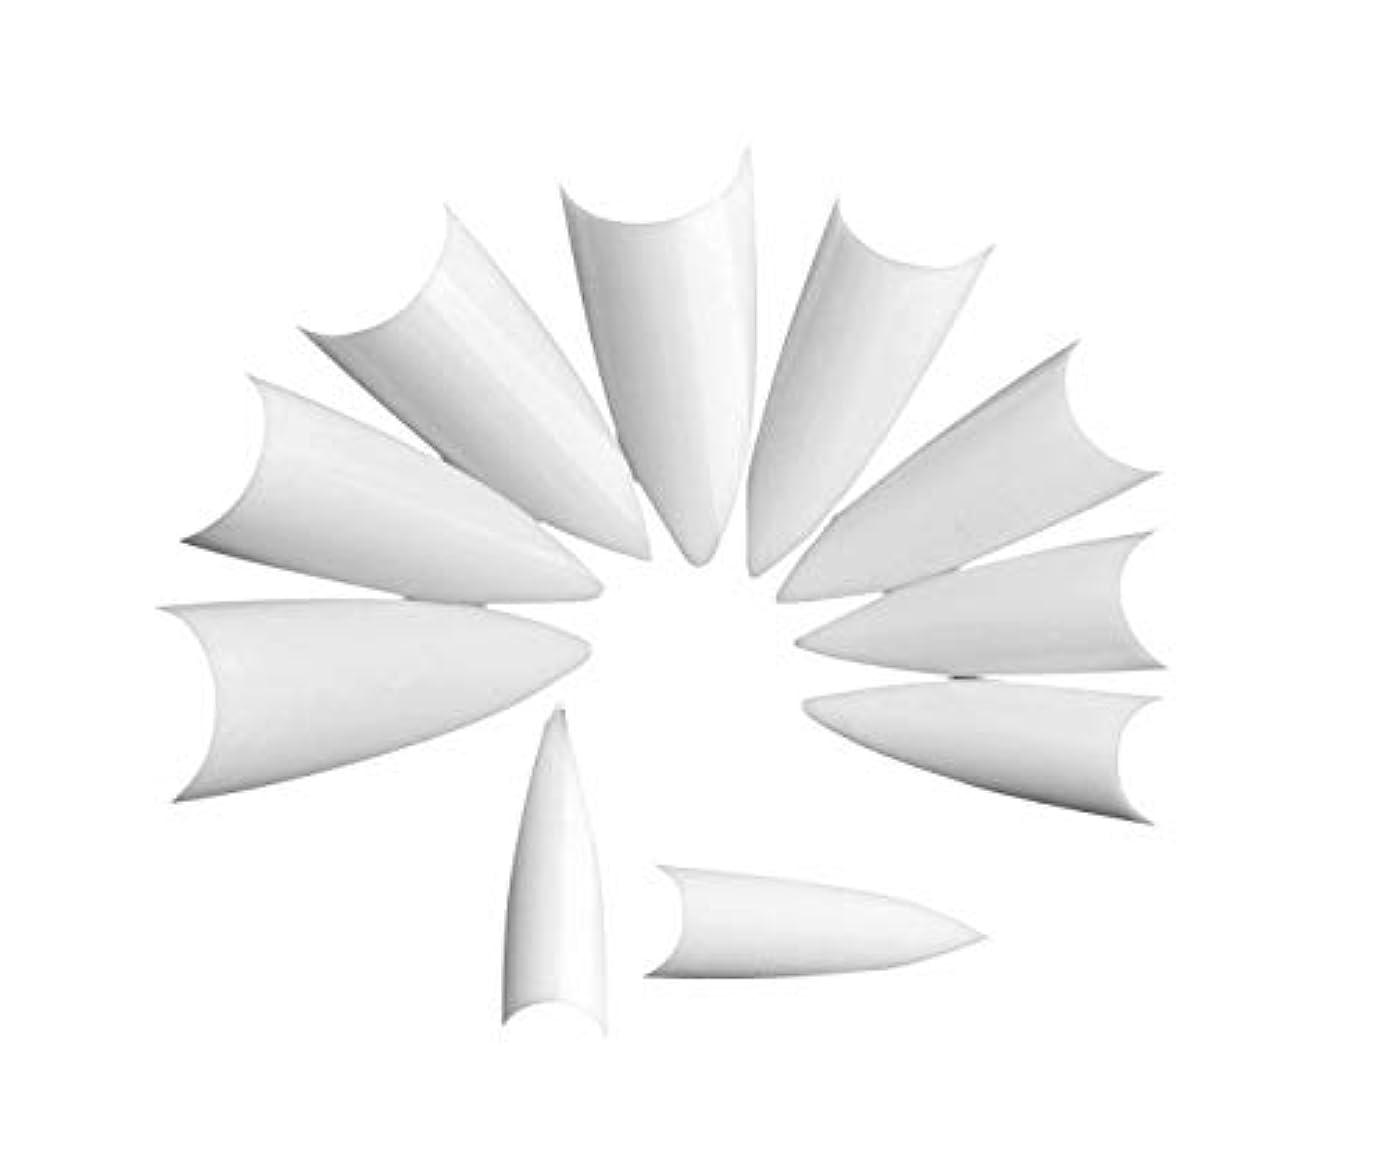 長さ摩擦リスクTianmey フルカバーネイルのヒント女性のための偽の釘ネイルサロンや家庭でのDIYネイルアート用10のサイズ、理想のクリスマスギフトを (Color : White)